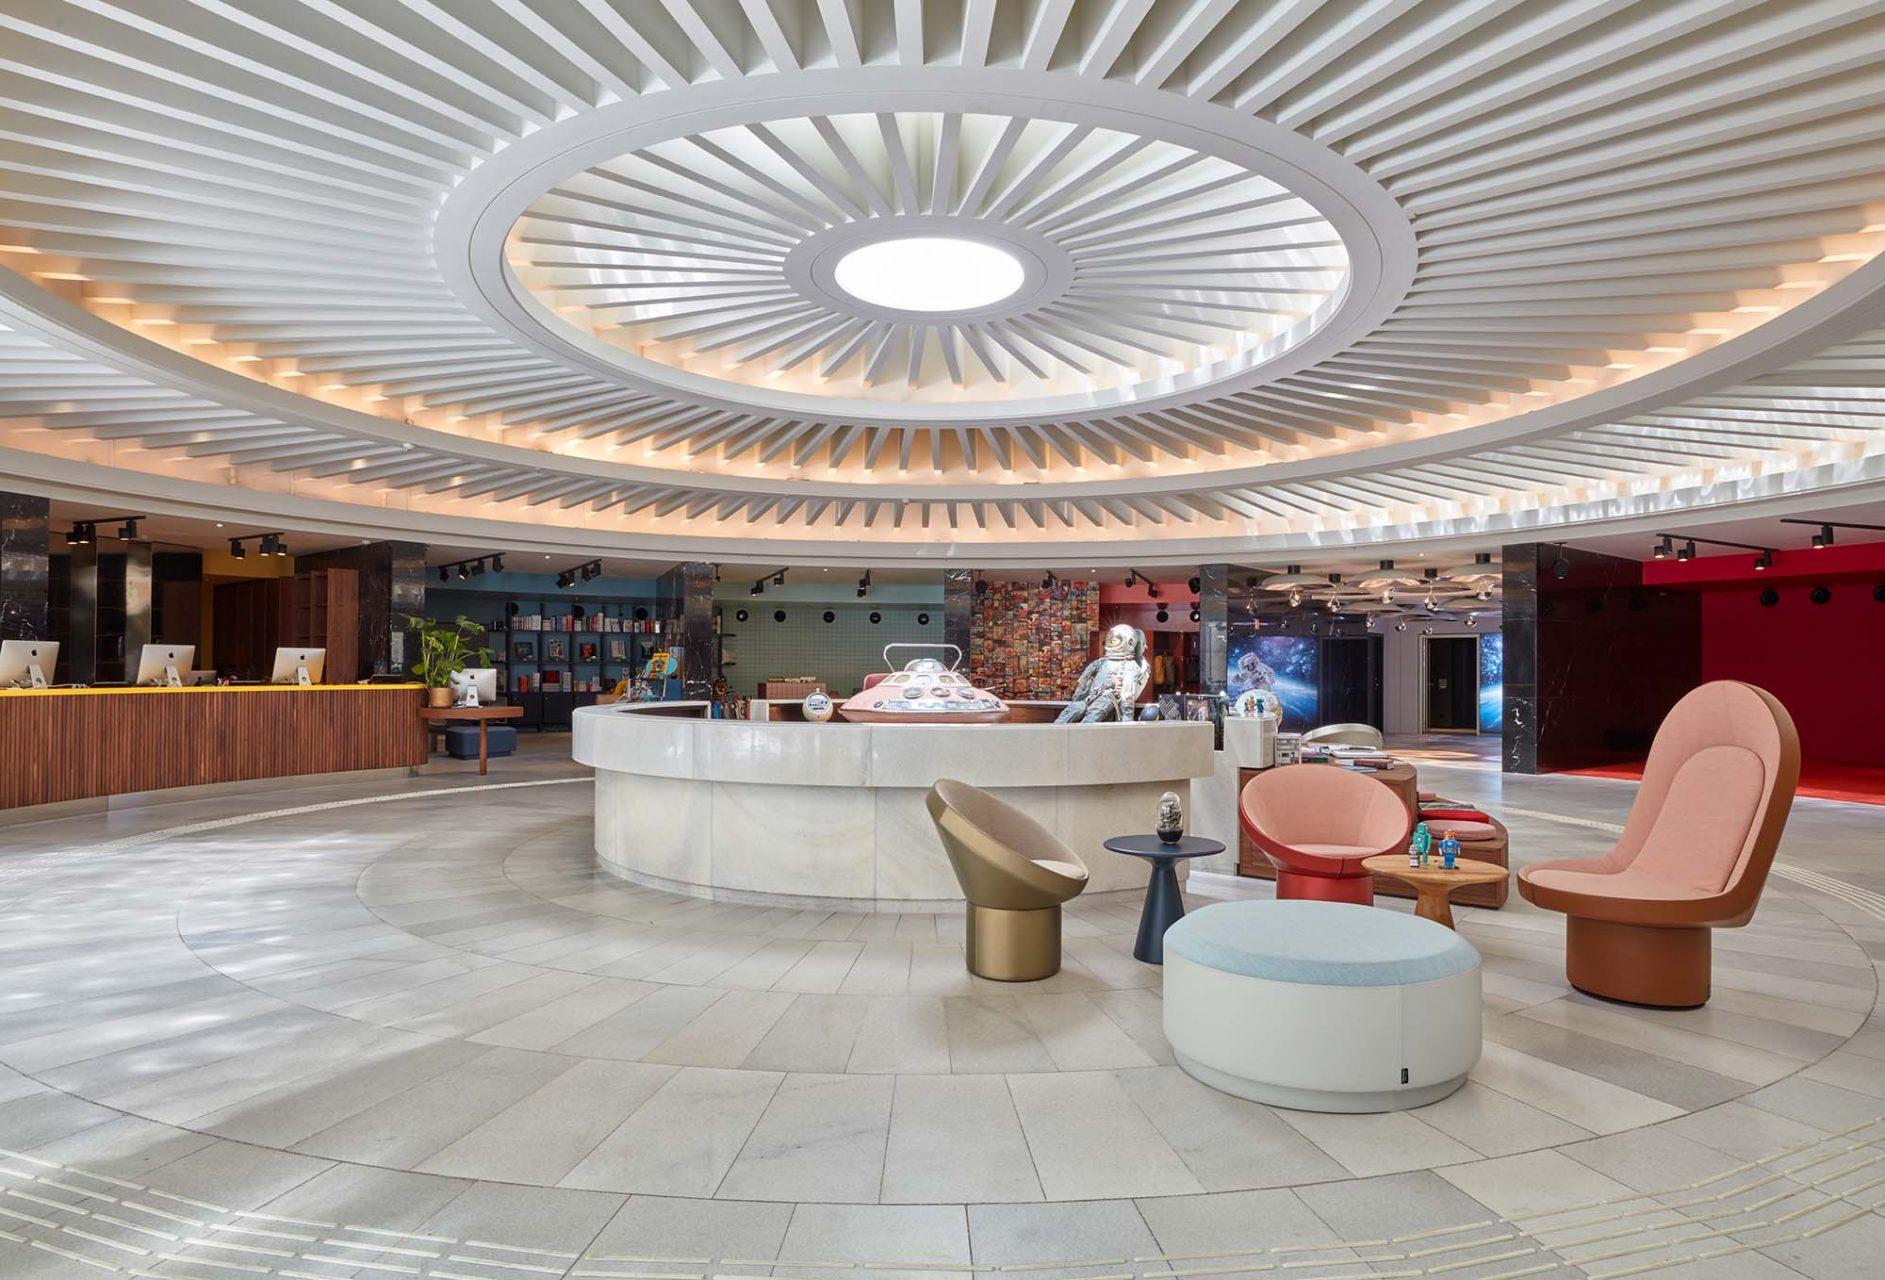 25hours Hotel The Circle. Das denkmalgeschützte kreisrunde Foyer des ehemaligen Gerling-Versicherungskonzerns bildet das spektakuläre Entrée in die Welt des 25hours Hotel The Circle. Eine überdimensionale Turbine scheint über dem Raum zu schweben.